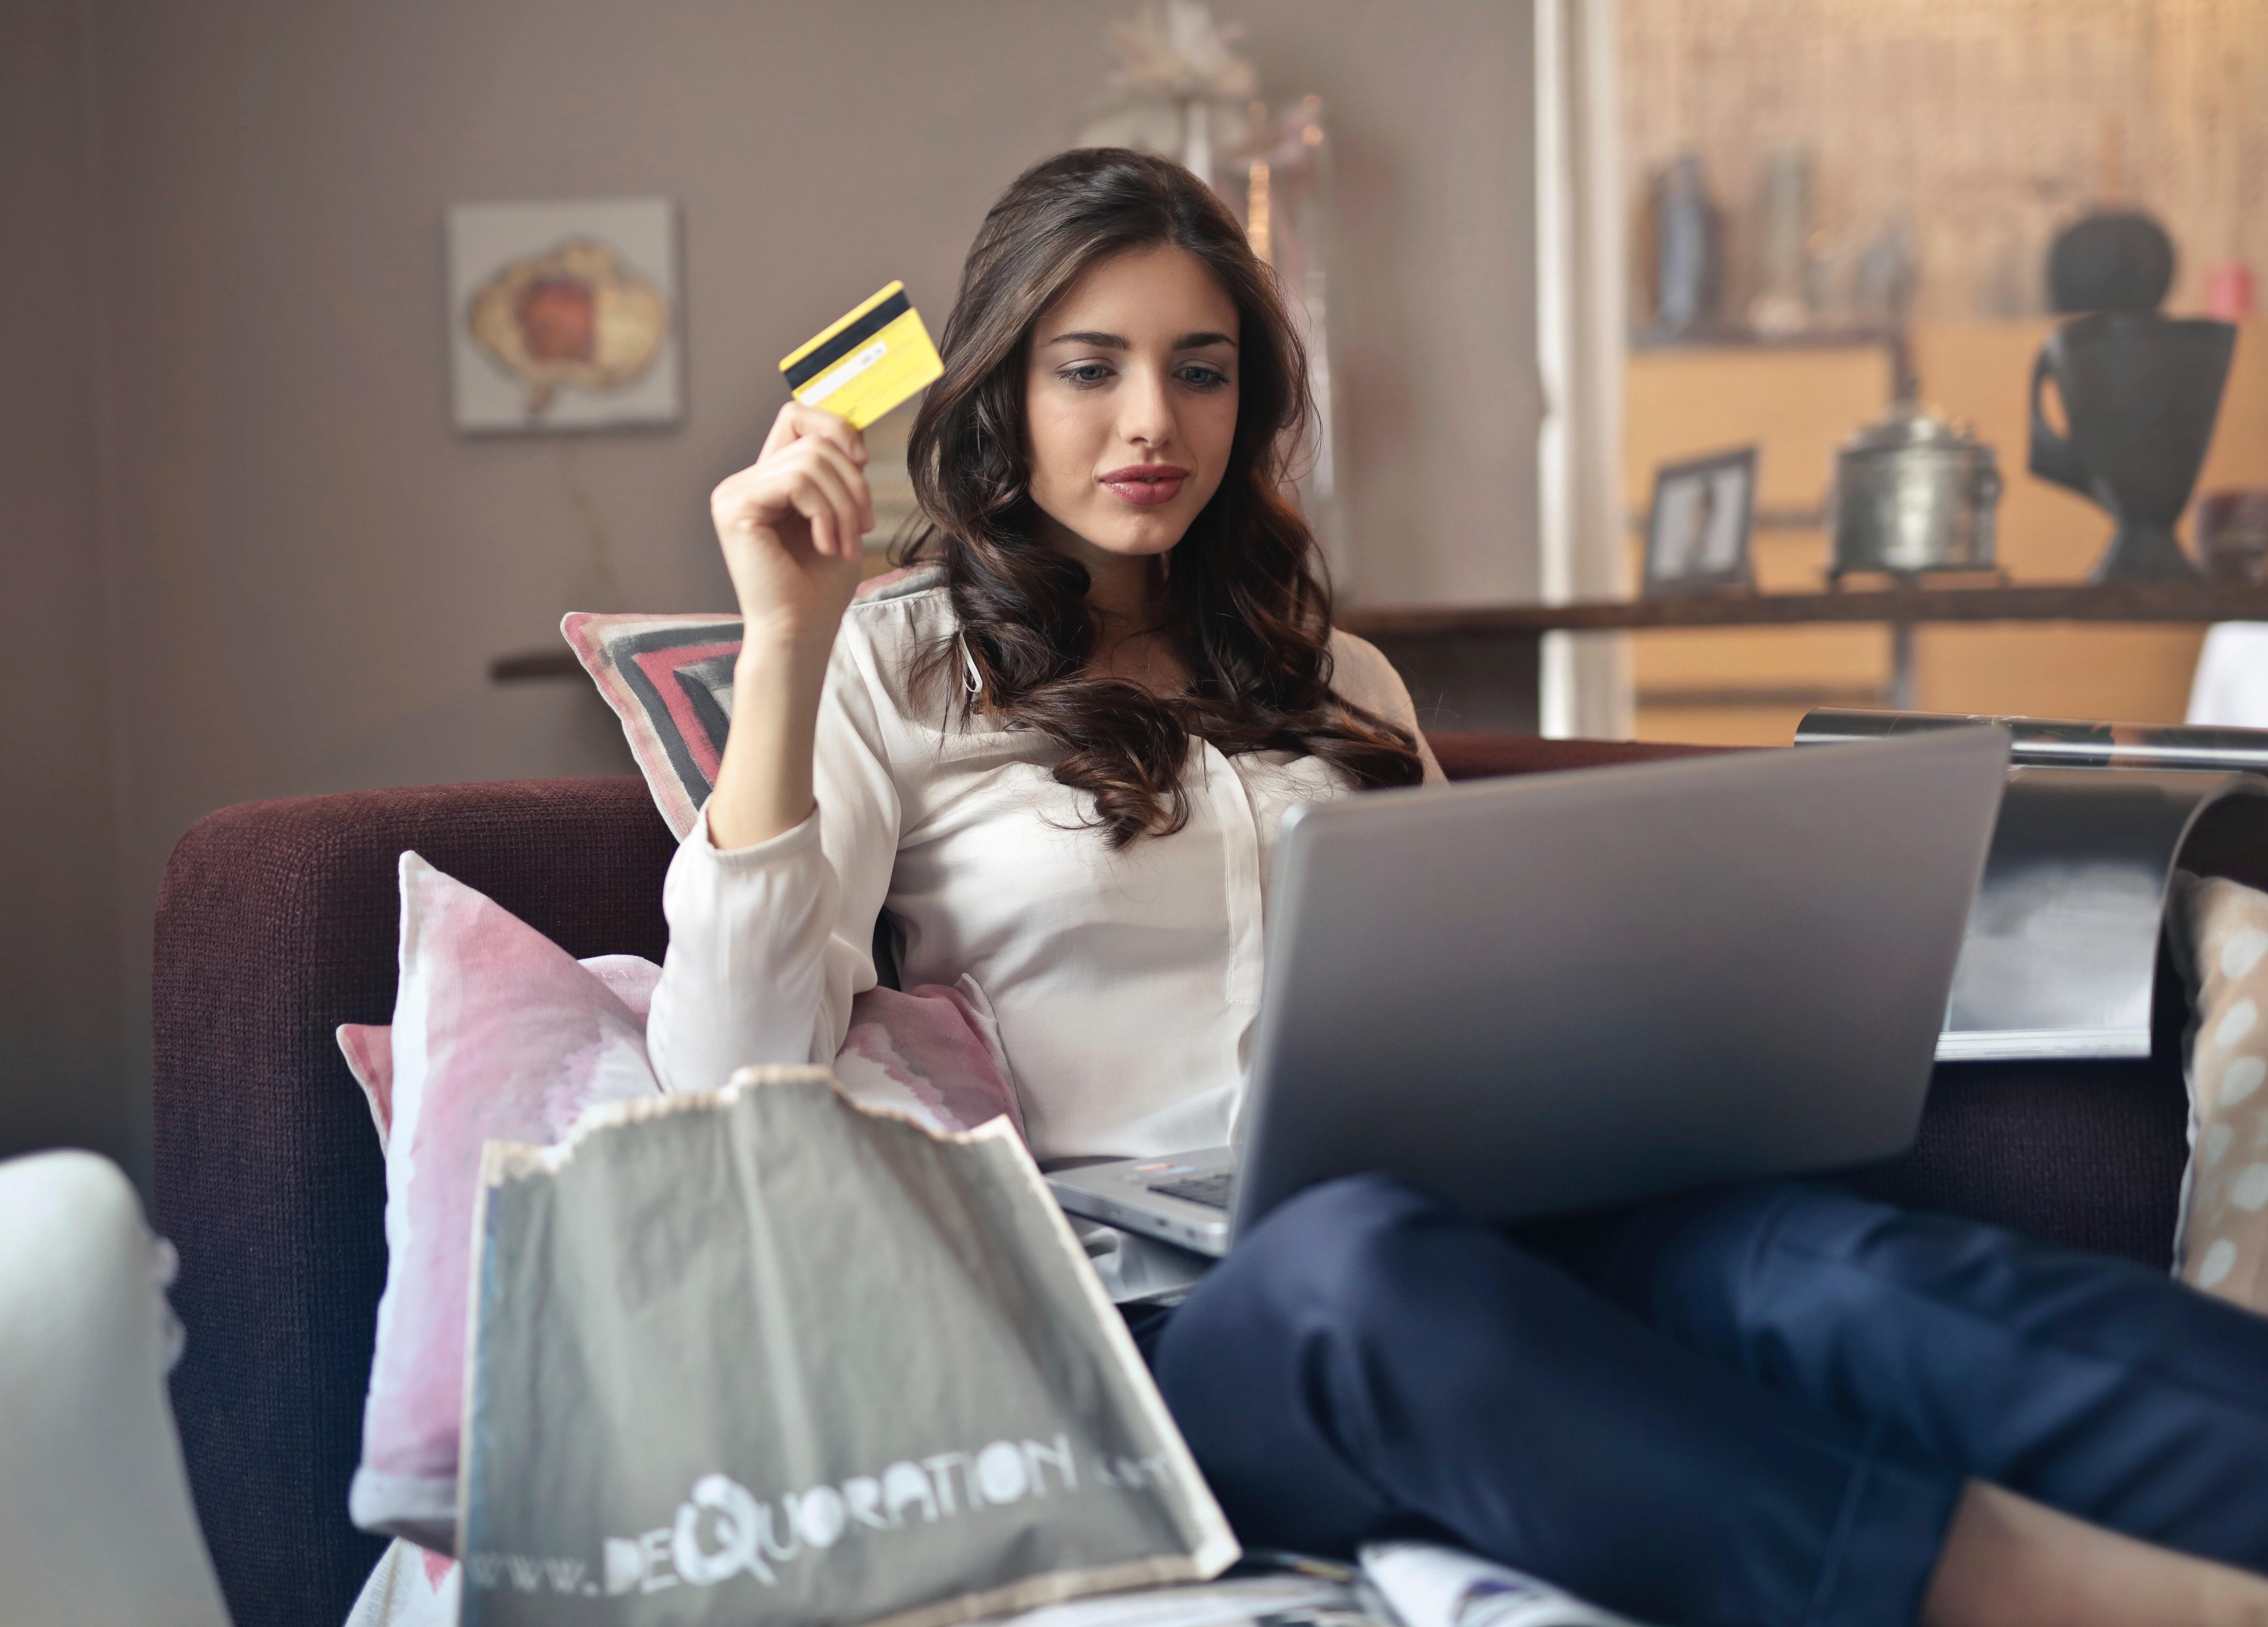 Kaufmotive verstehen– Wie entscheiden sich Kunden für ein Produkt?